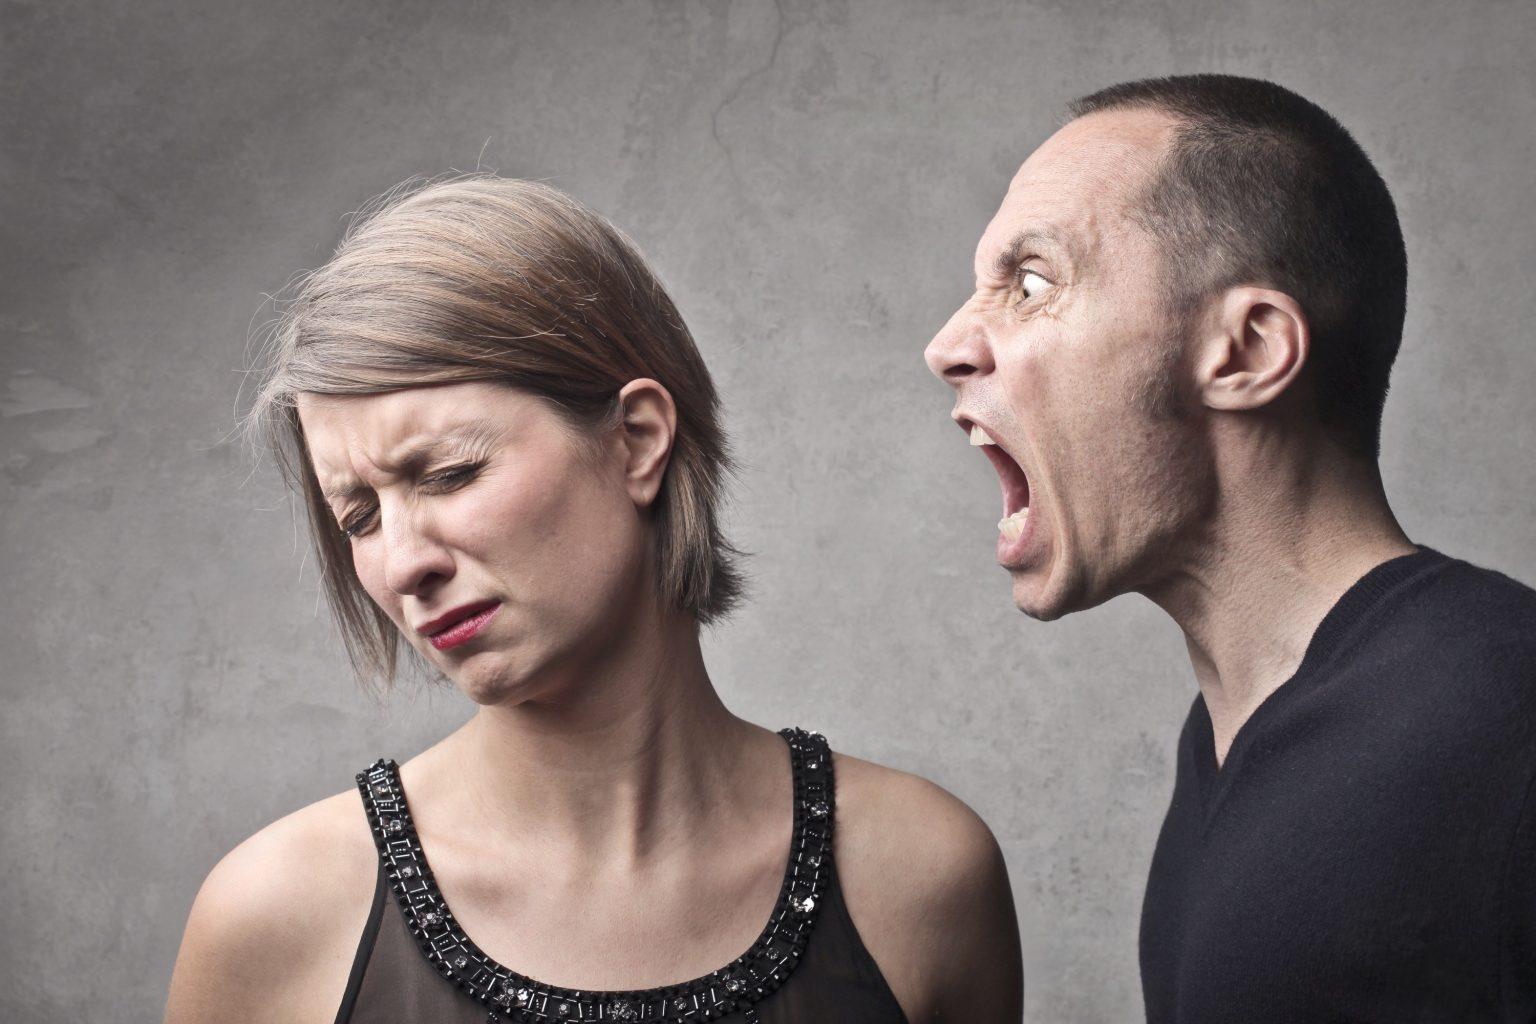 картинки про грубость